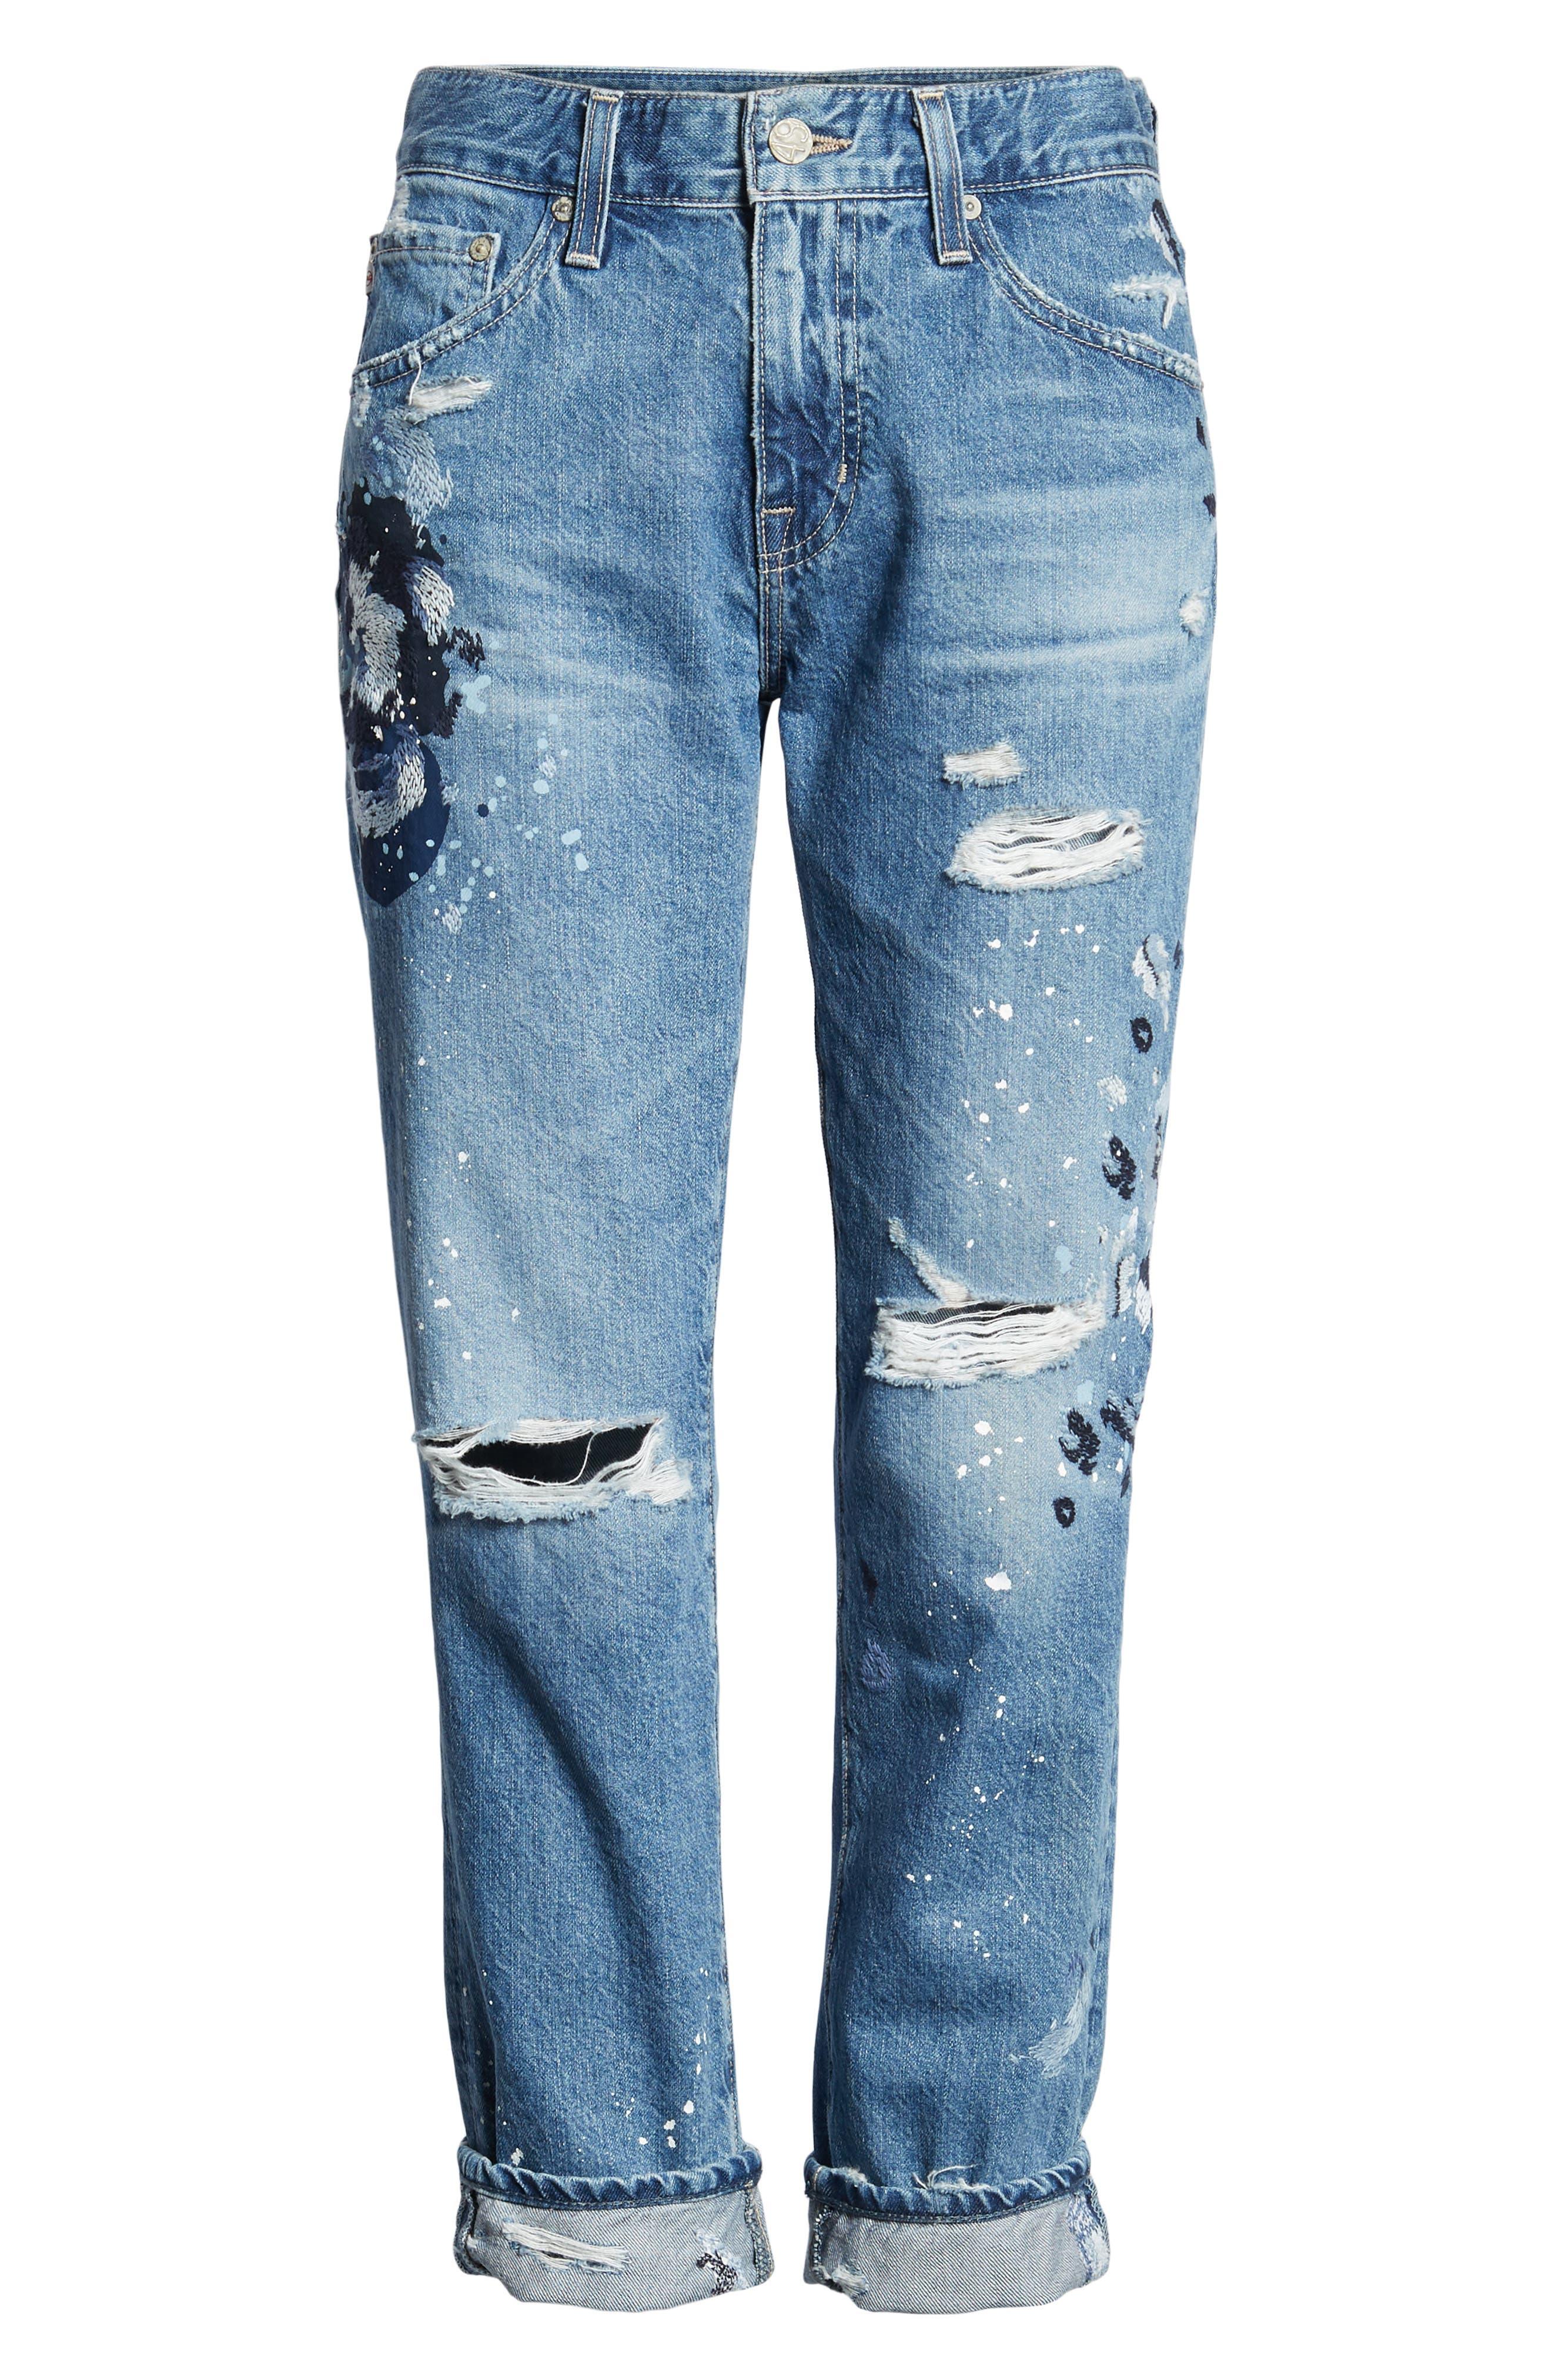 The Ex-Boyfriend Slim Jeans,                             Alternate thumbnail 7, color,                             427